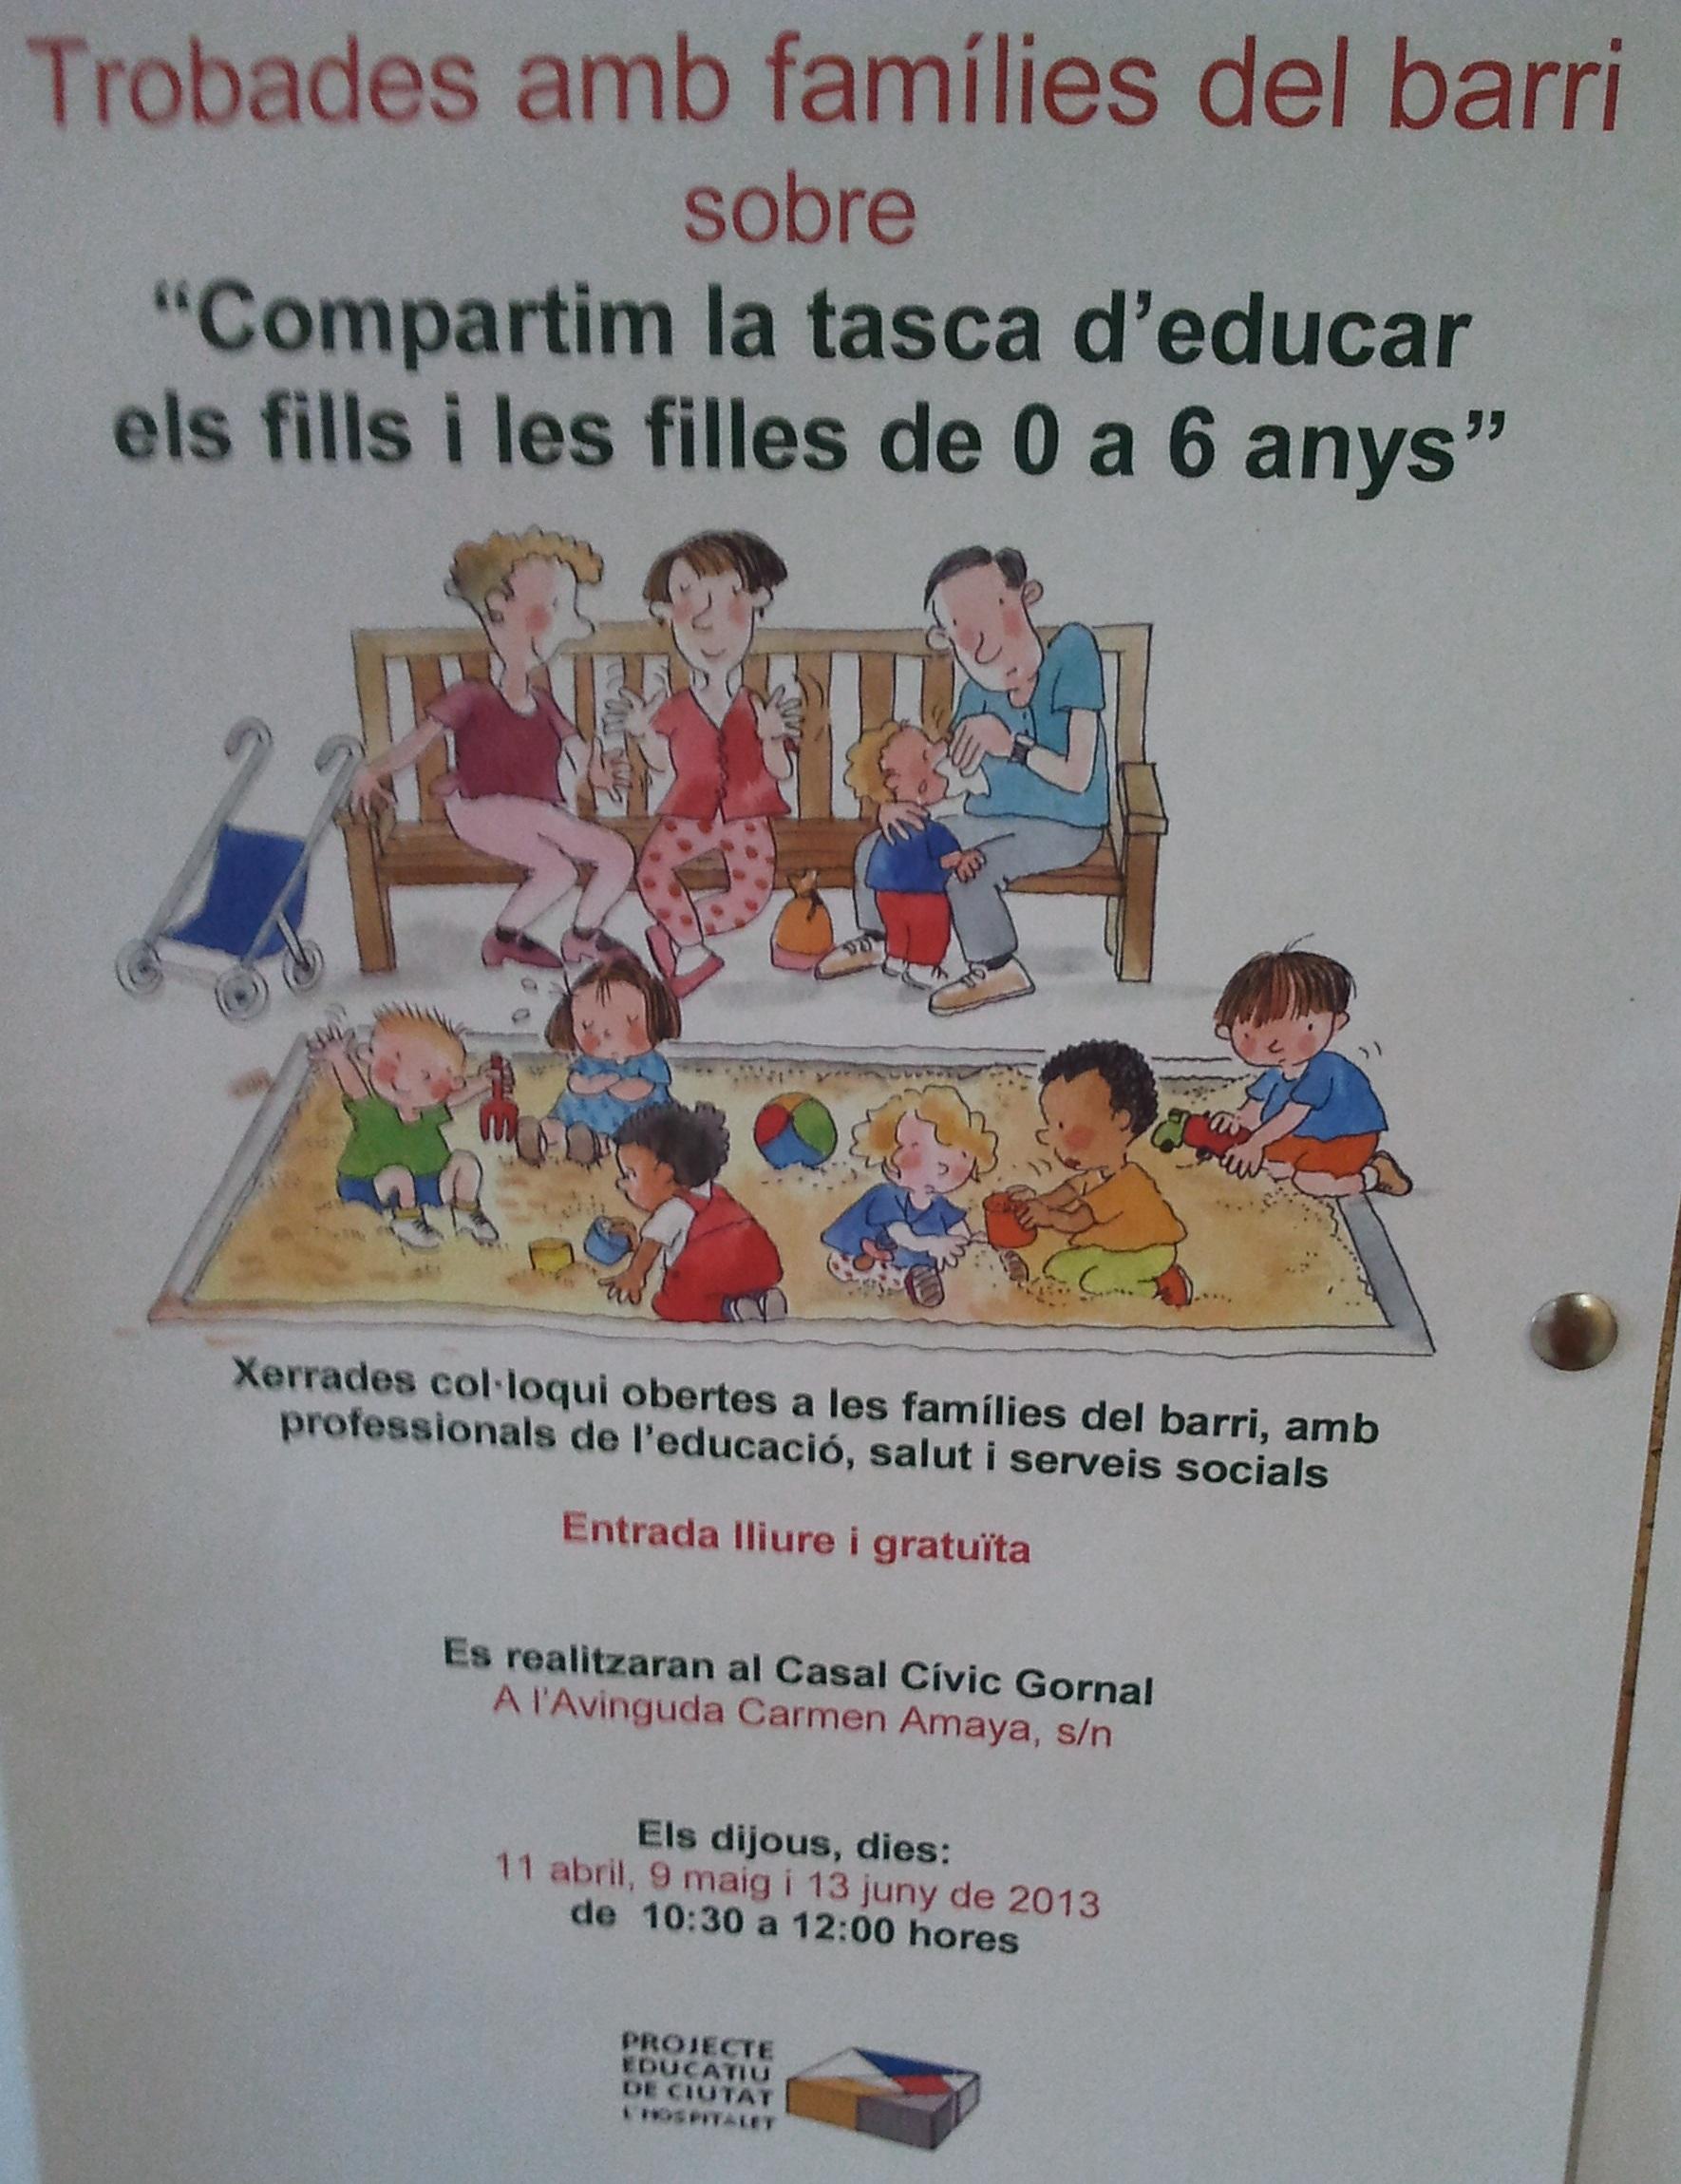 families del barri